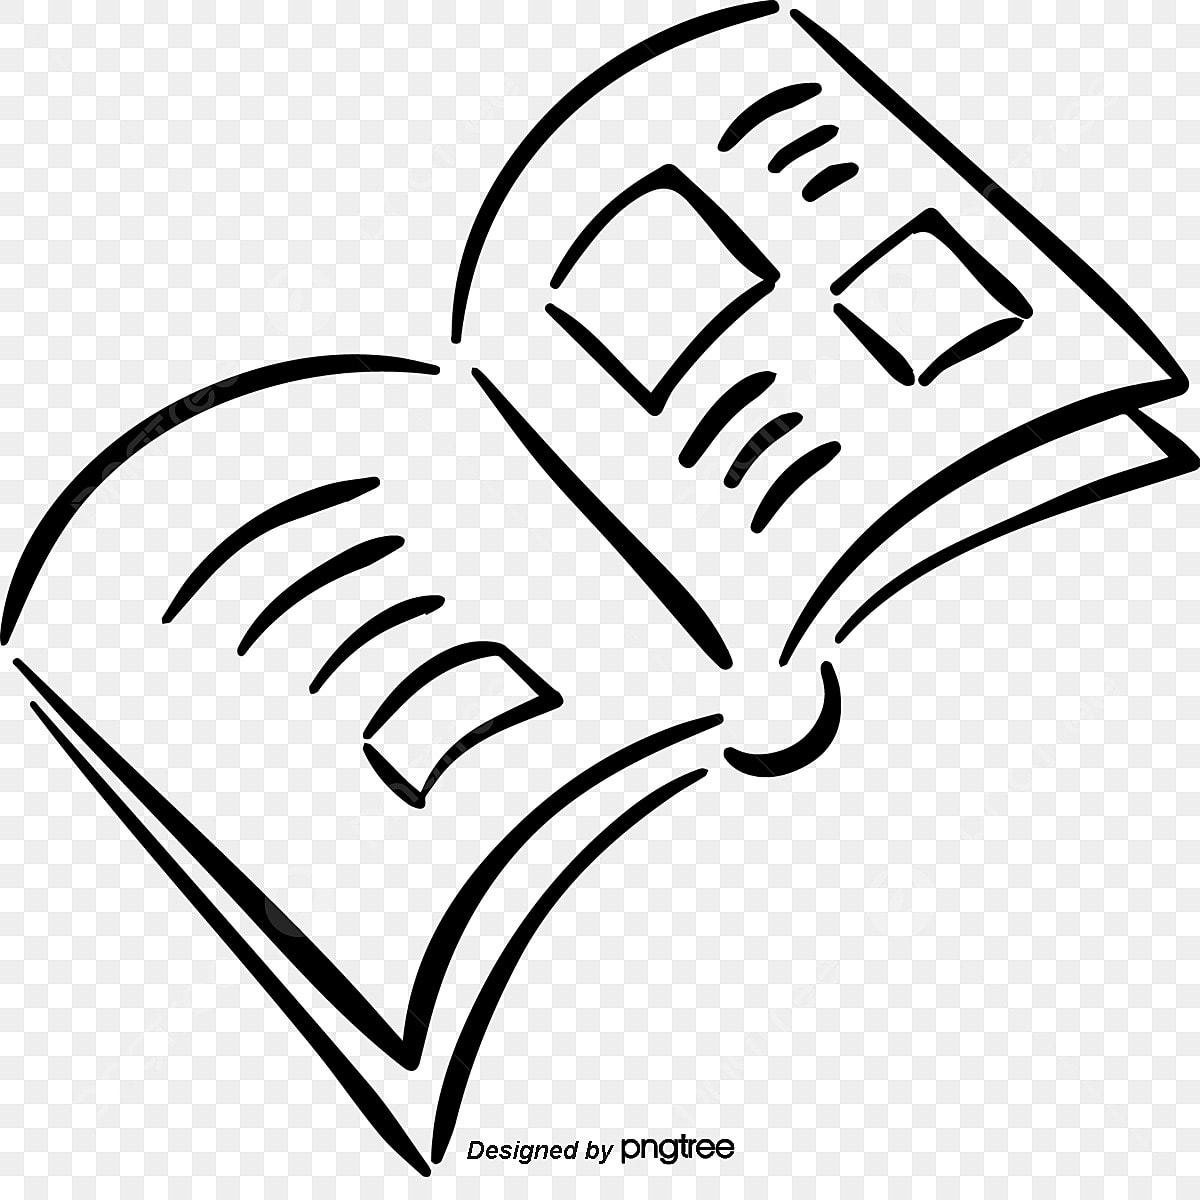 Vector Cartoon Pintados A Mano Libros En Blanco Y Negro Clipart De Dibujos Animados Cuaderno Libros De Dibujos Animados Png Y Vector Para Descargar Gratis Pngtree